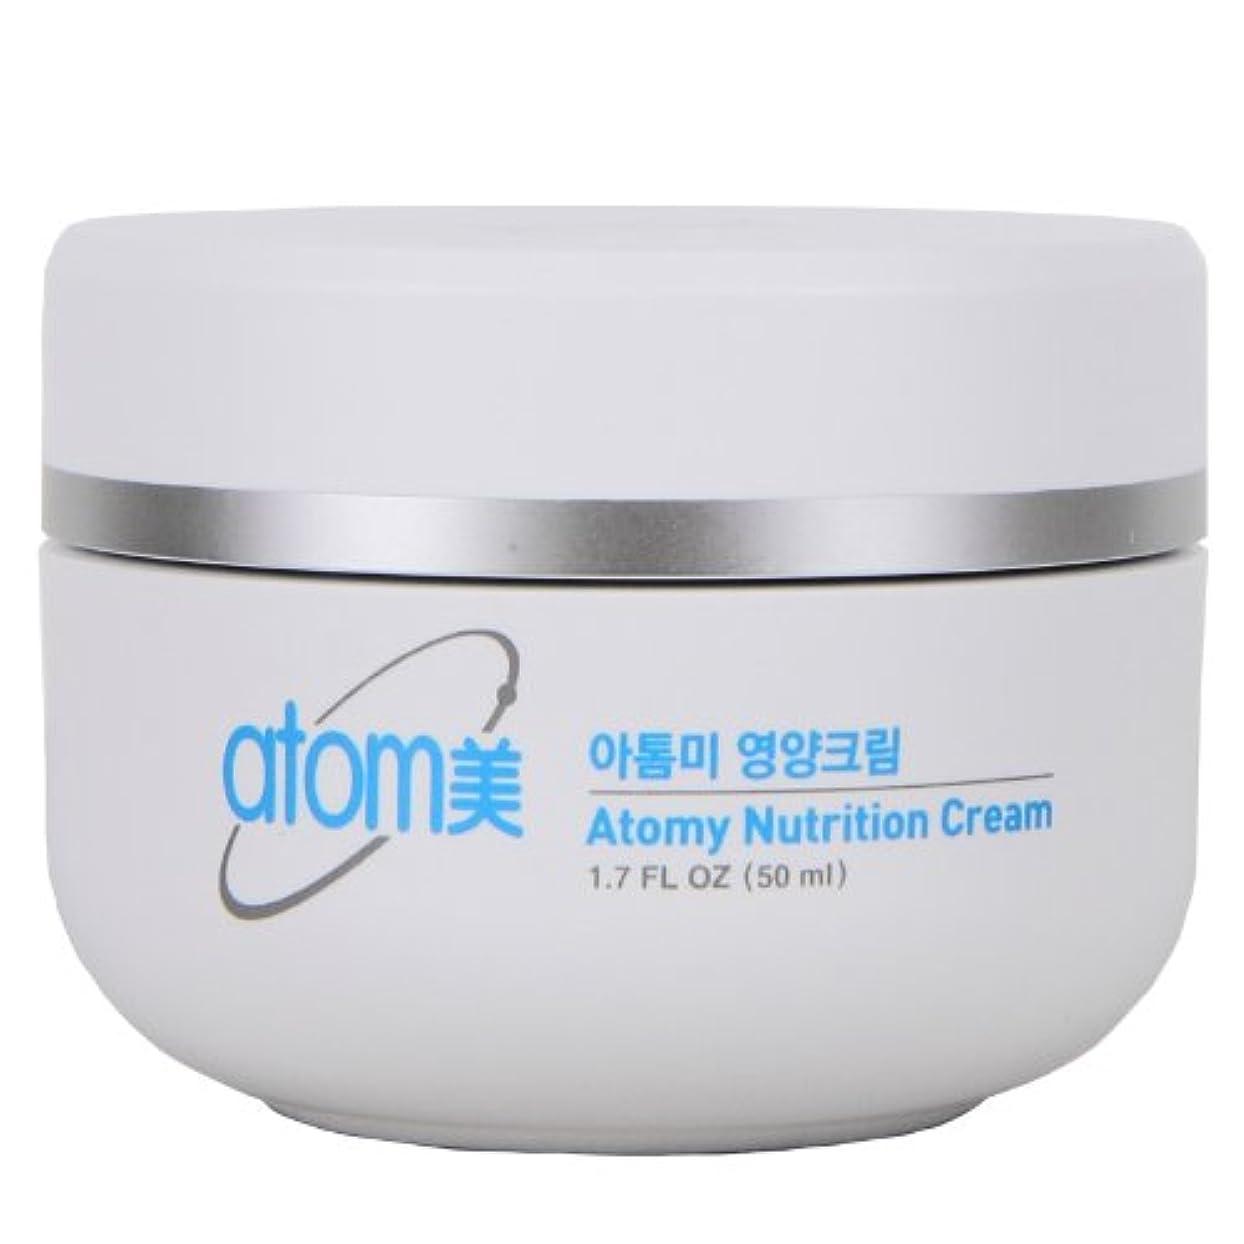 韓国コスメ Atom美 アトミ クリーム ■ナチュラルコスメ